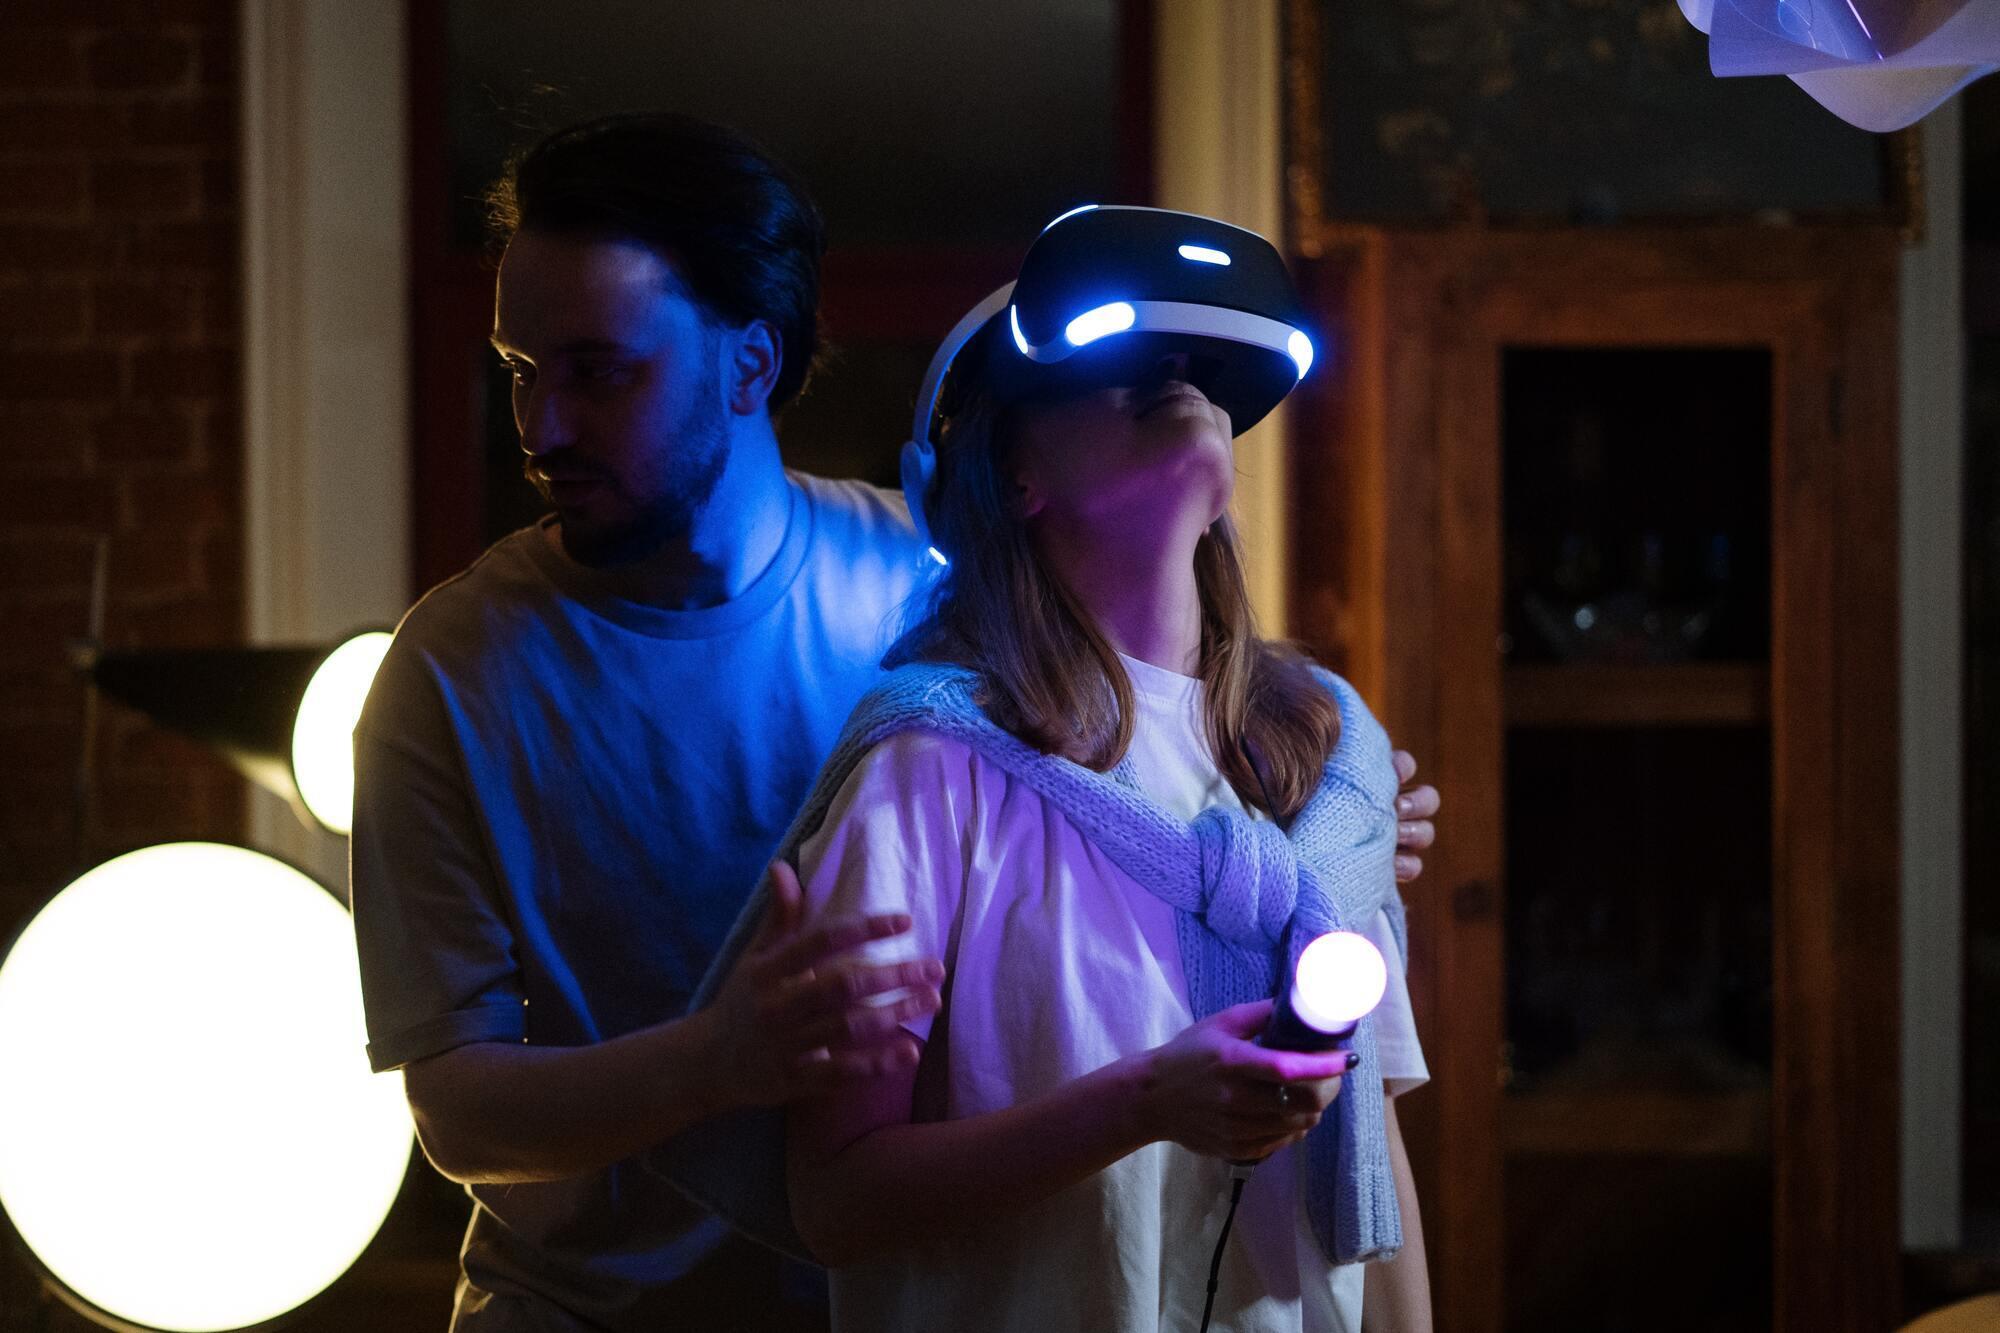 Игры в виртуальной реальности – развлечение, которое только набирает популярность в Украине.